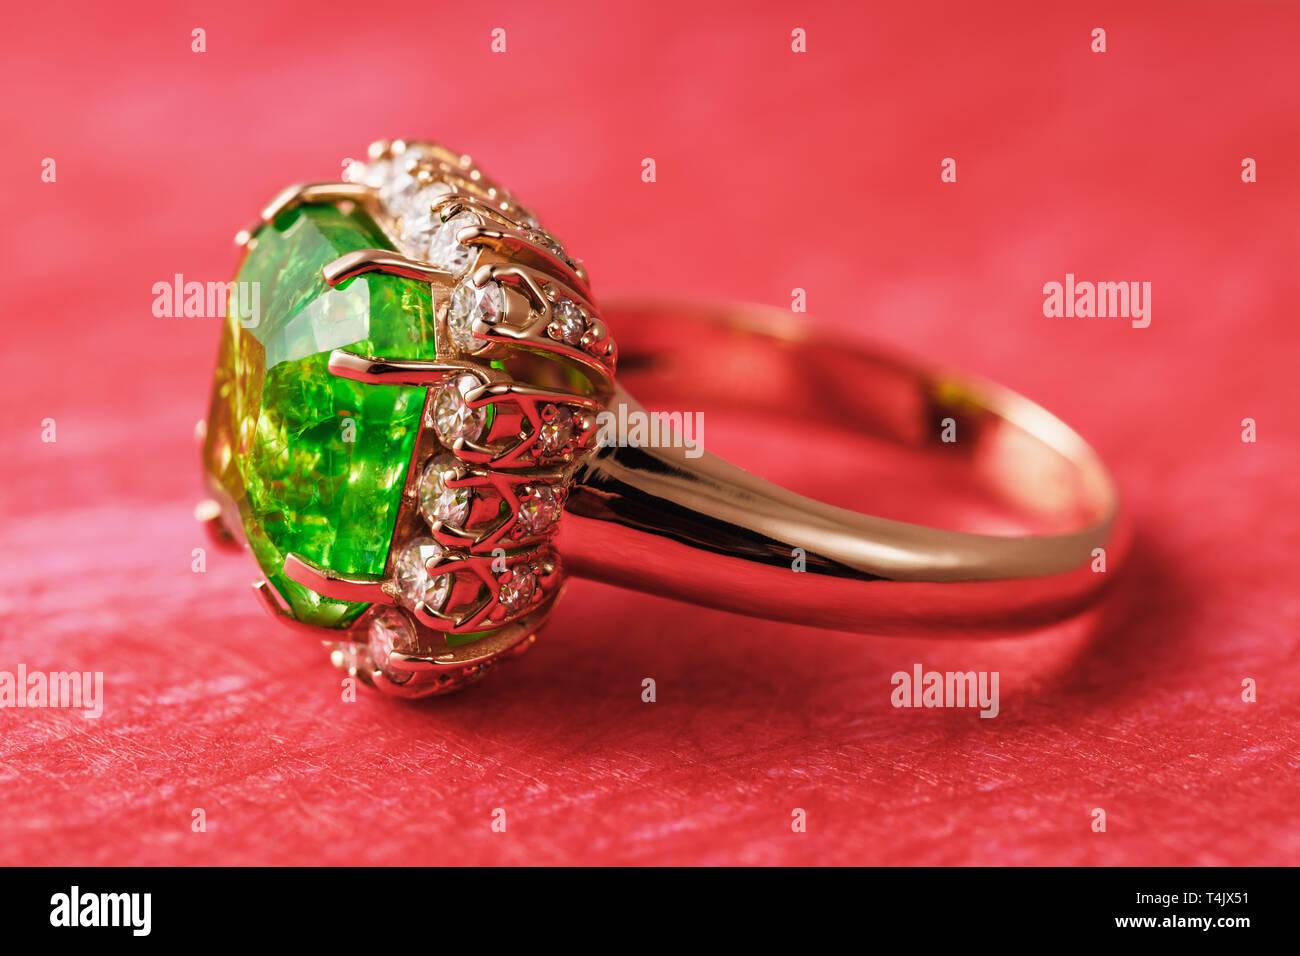 Golden Ring mit einem großen Smaragd und einen Weg der kleinen Cubic Zirkonia rot Abstrakt Hintergrund, Seitenansicht Stockbild